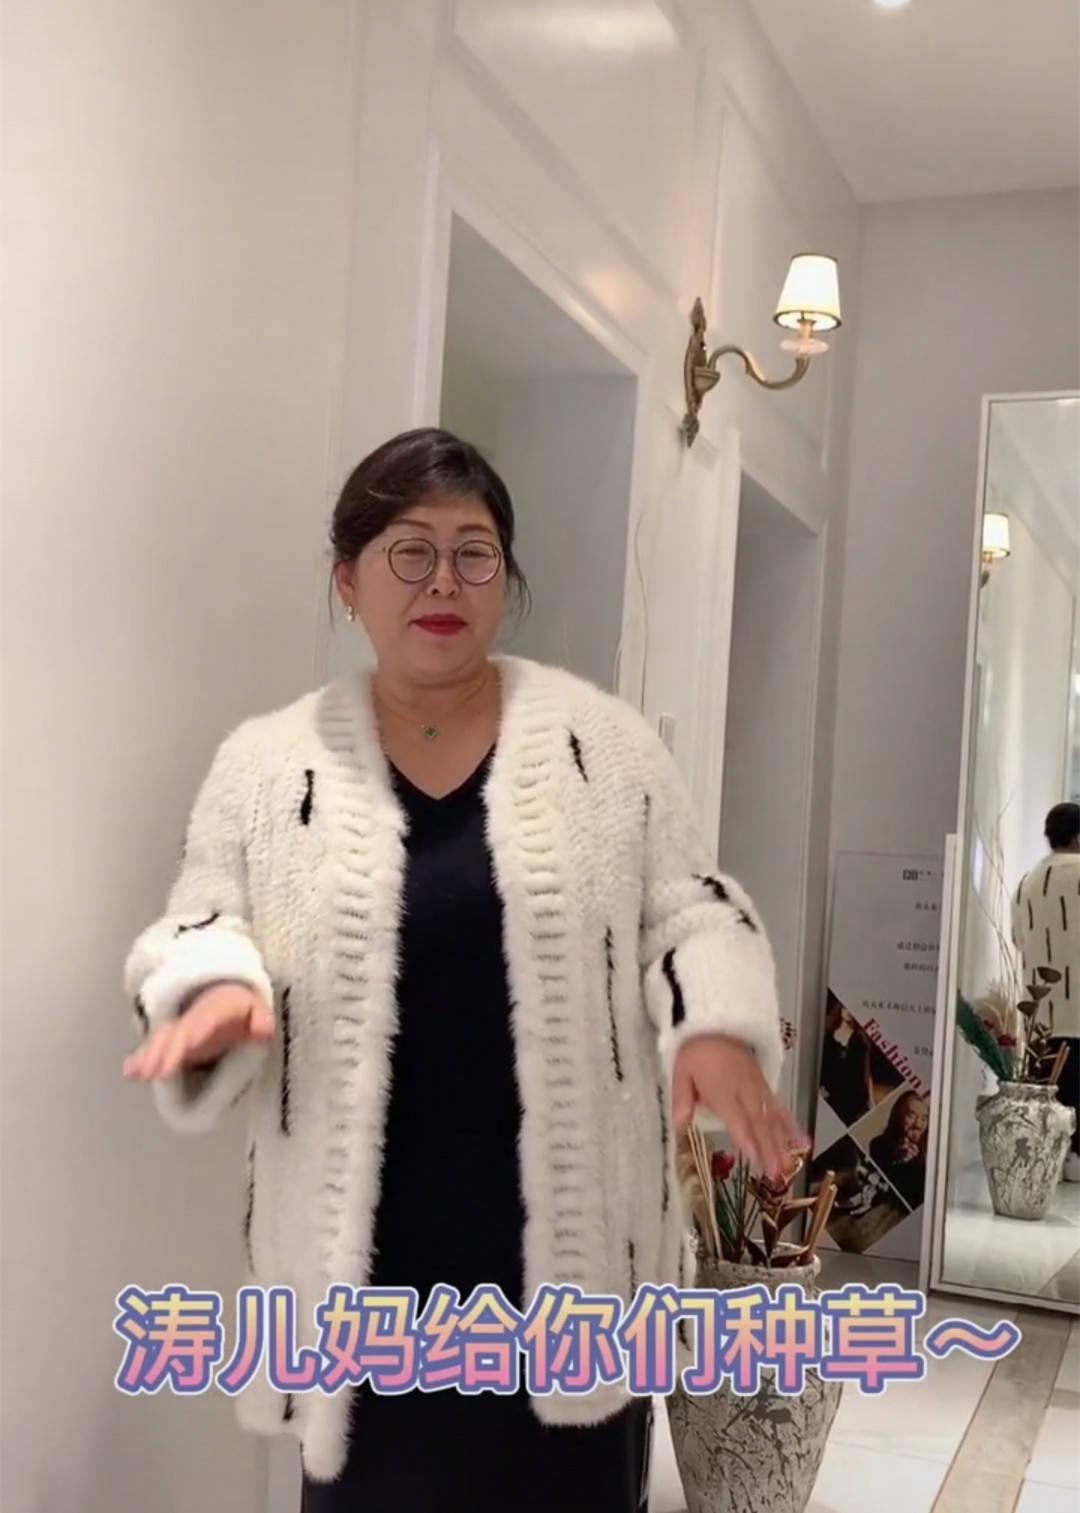 杜海濤媽媽賣皮草,紫貂紅狐全囊括,網友吐槽不記伊能靜前車之鑑!